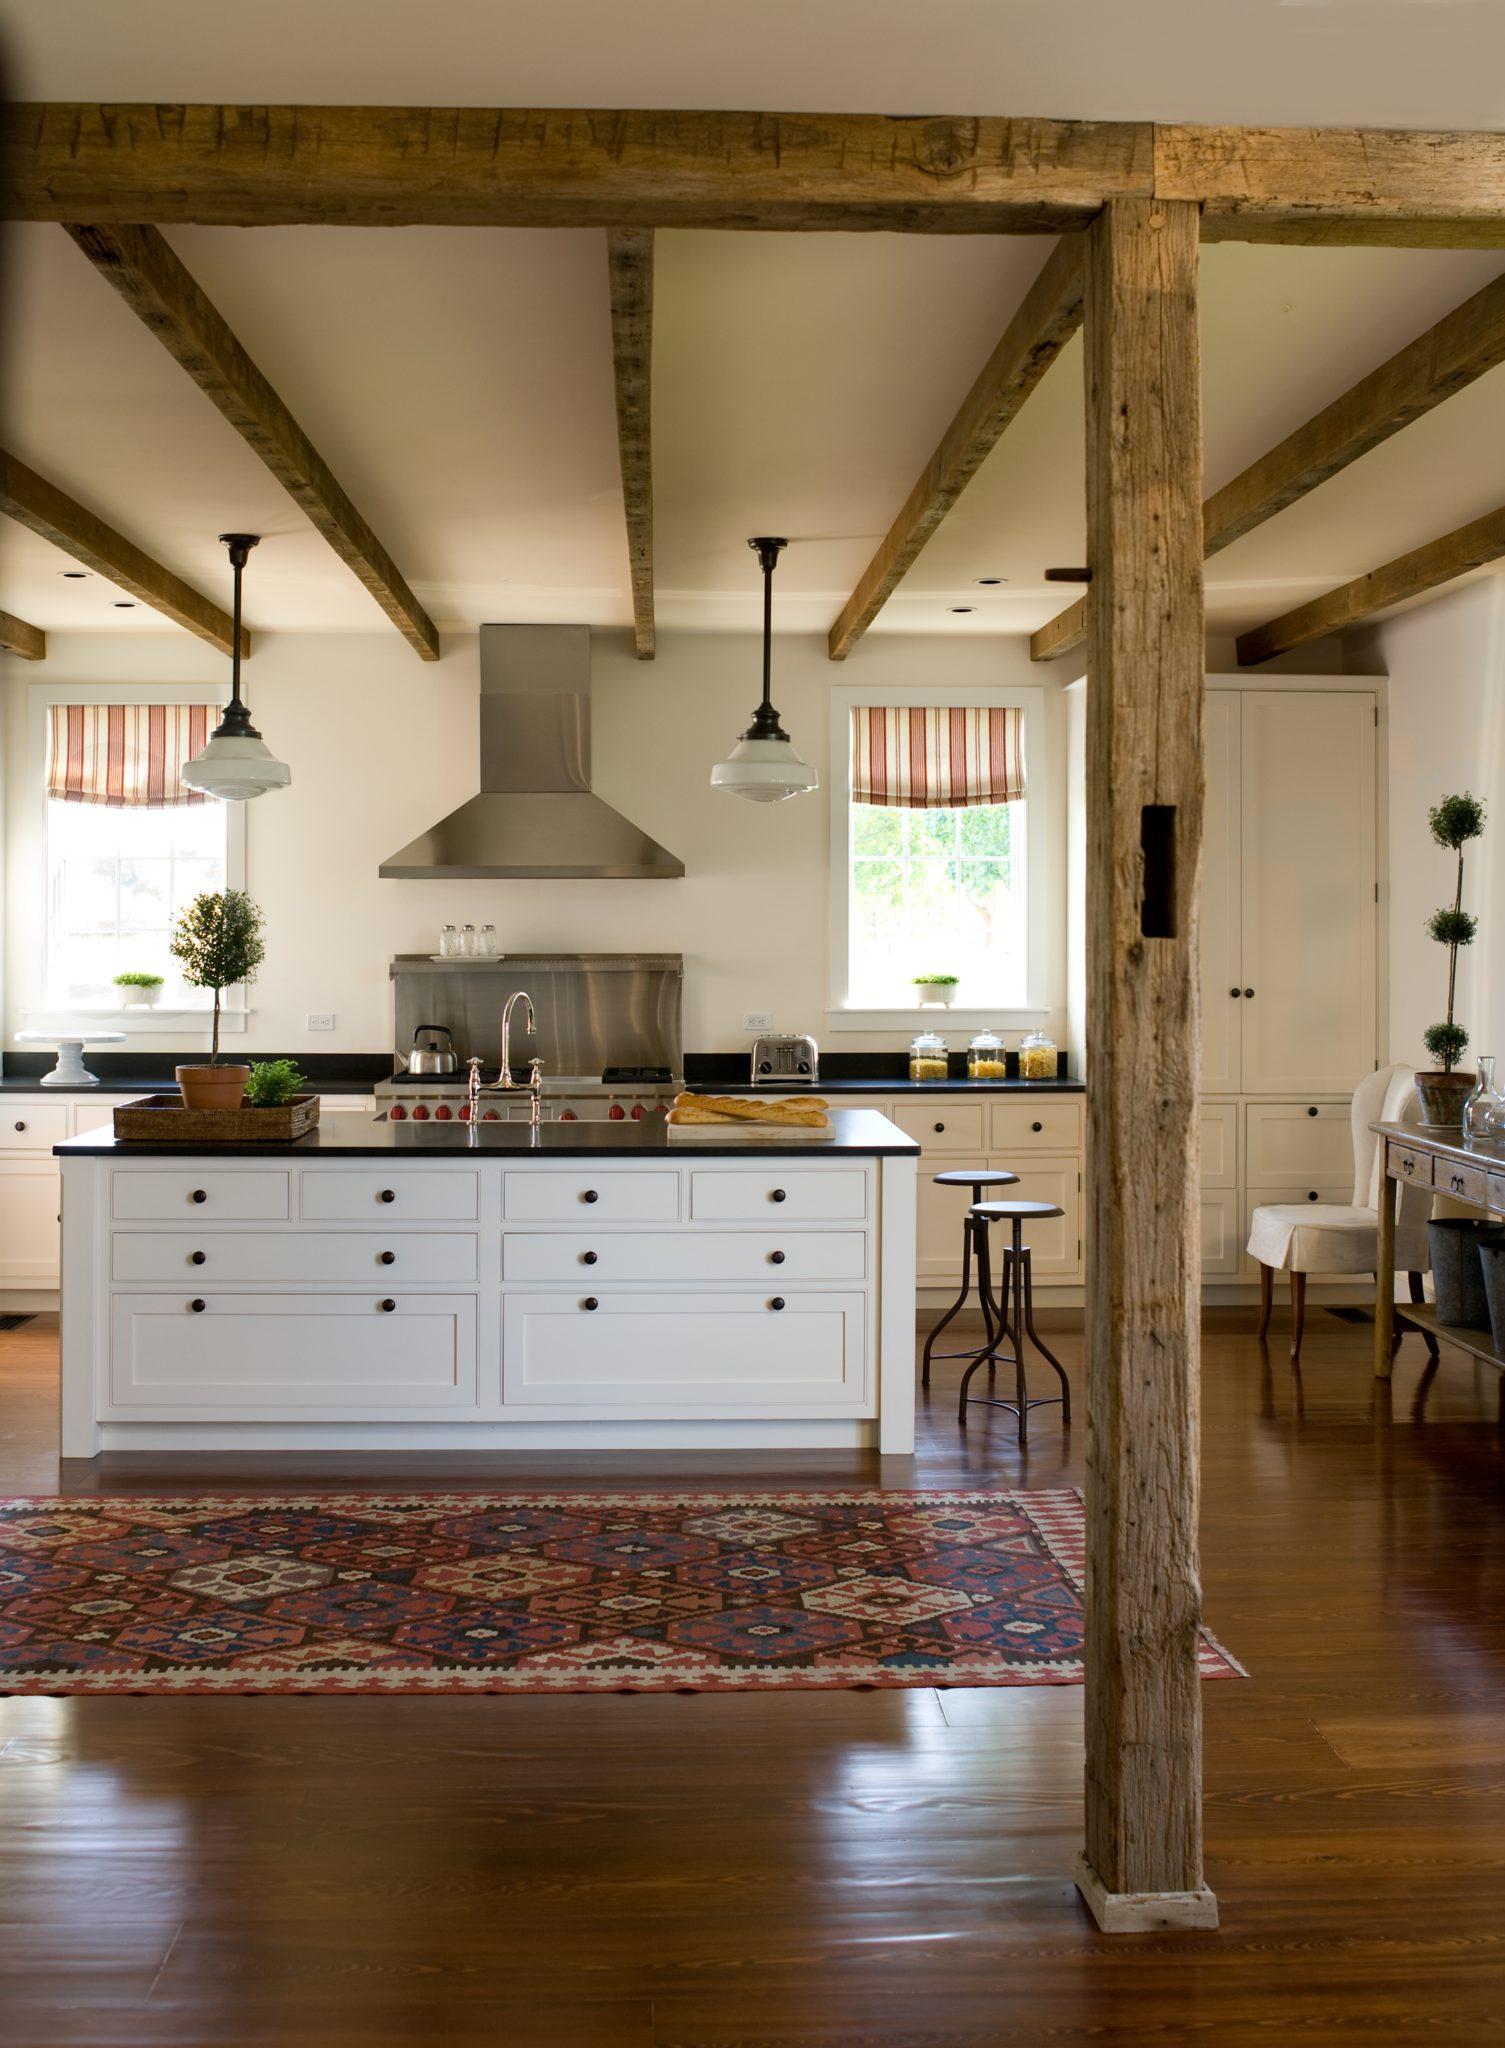 Architecture & interior design byLichten Craig